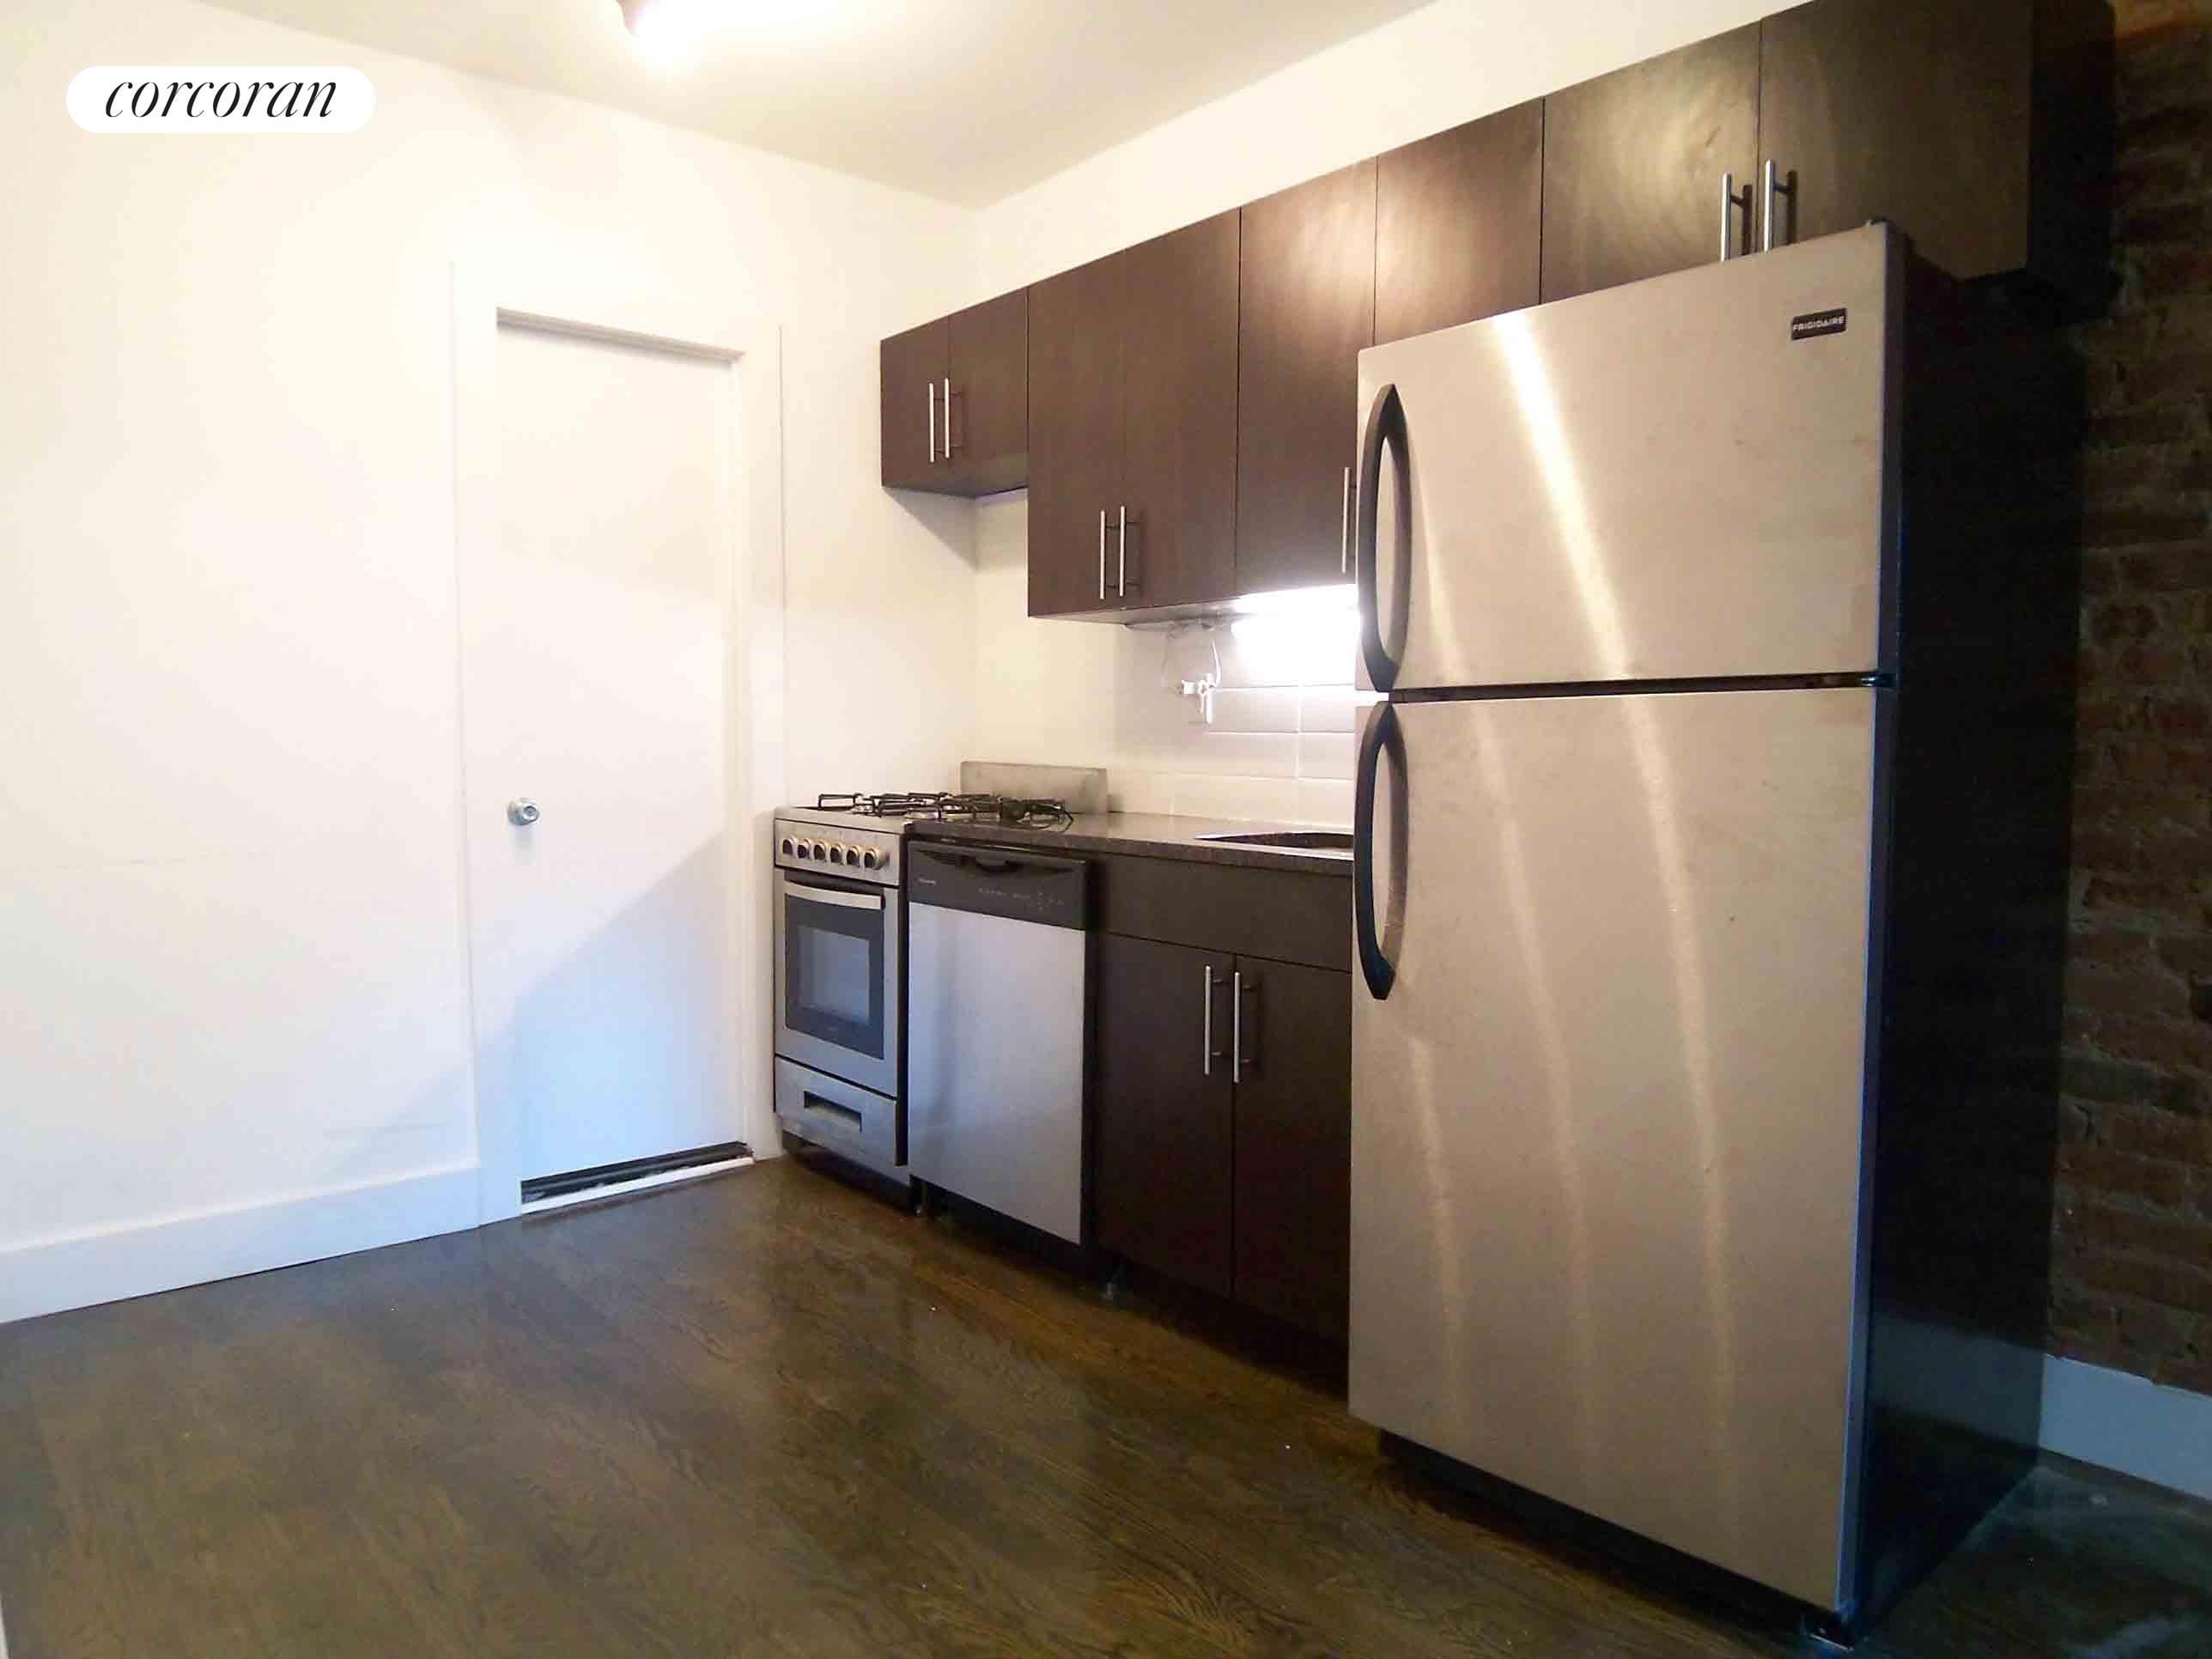 Corcoran, Django Gilligan, Park Slope 125 Seventh Avenue Realtor